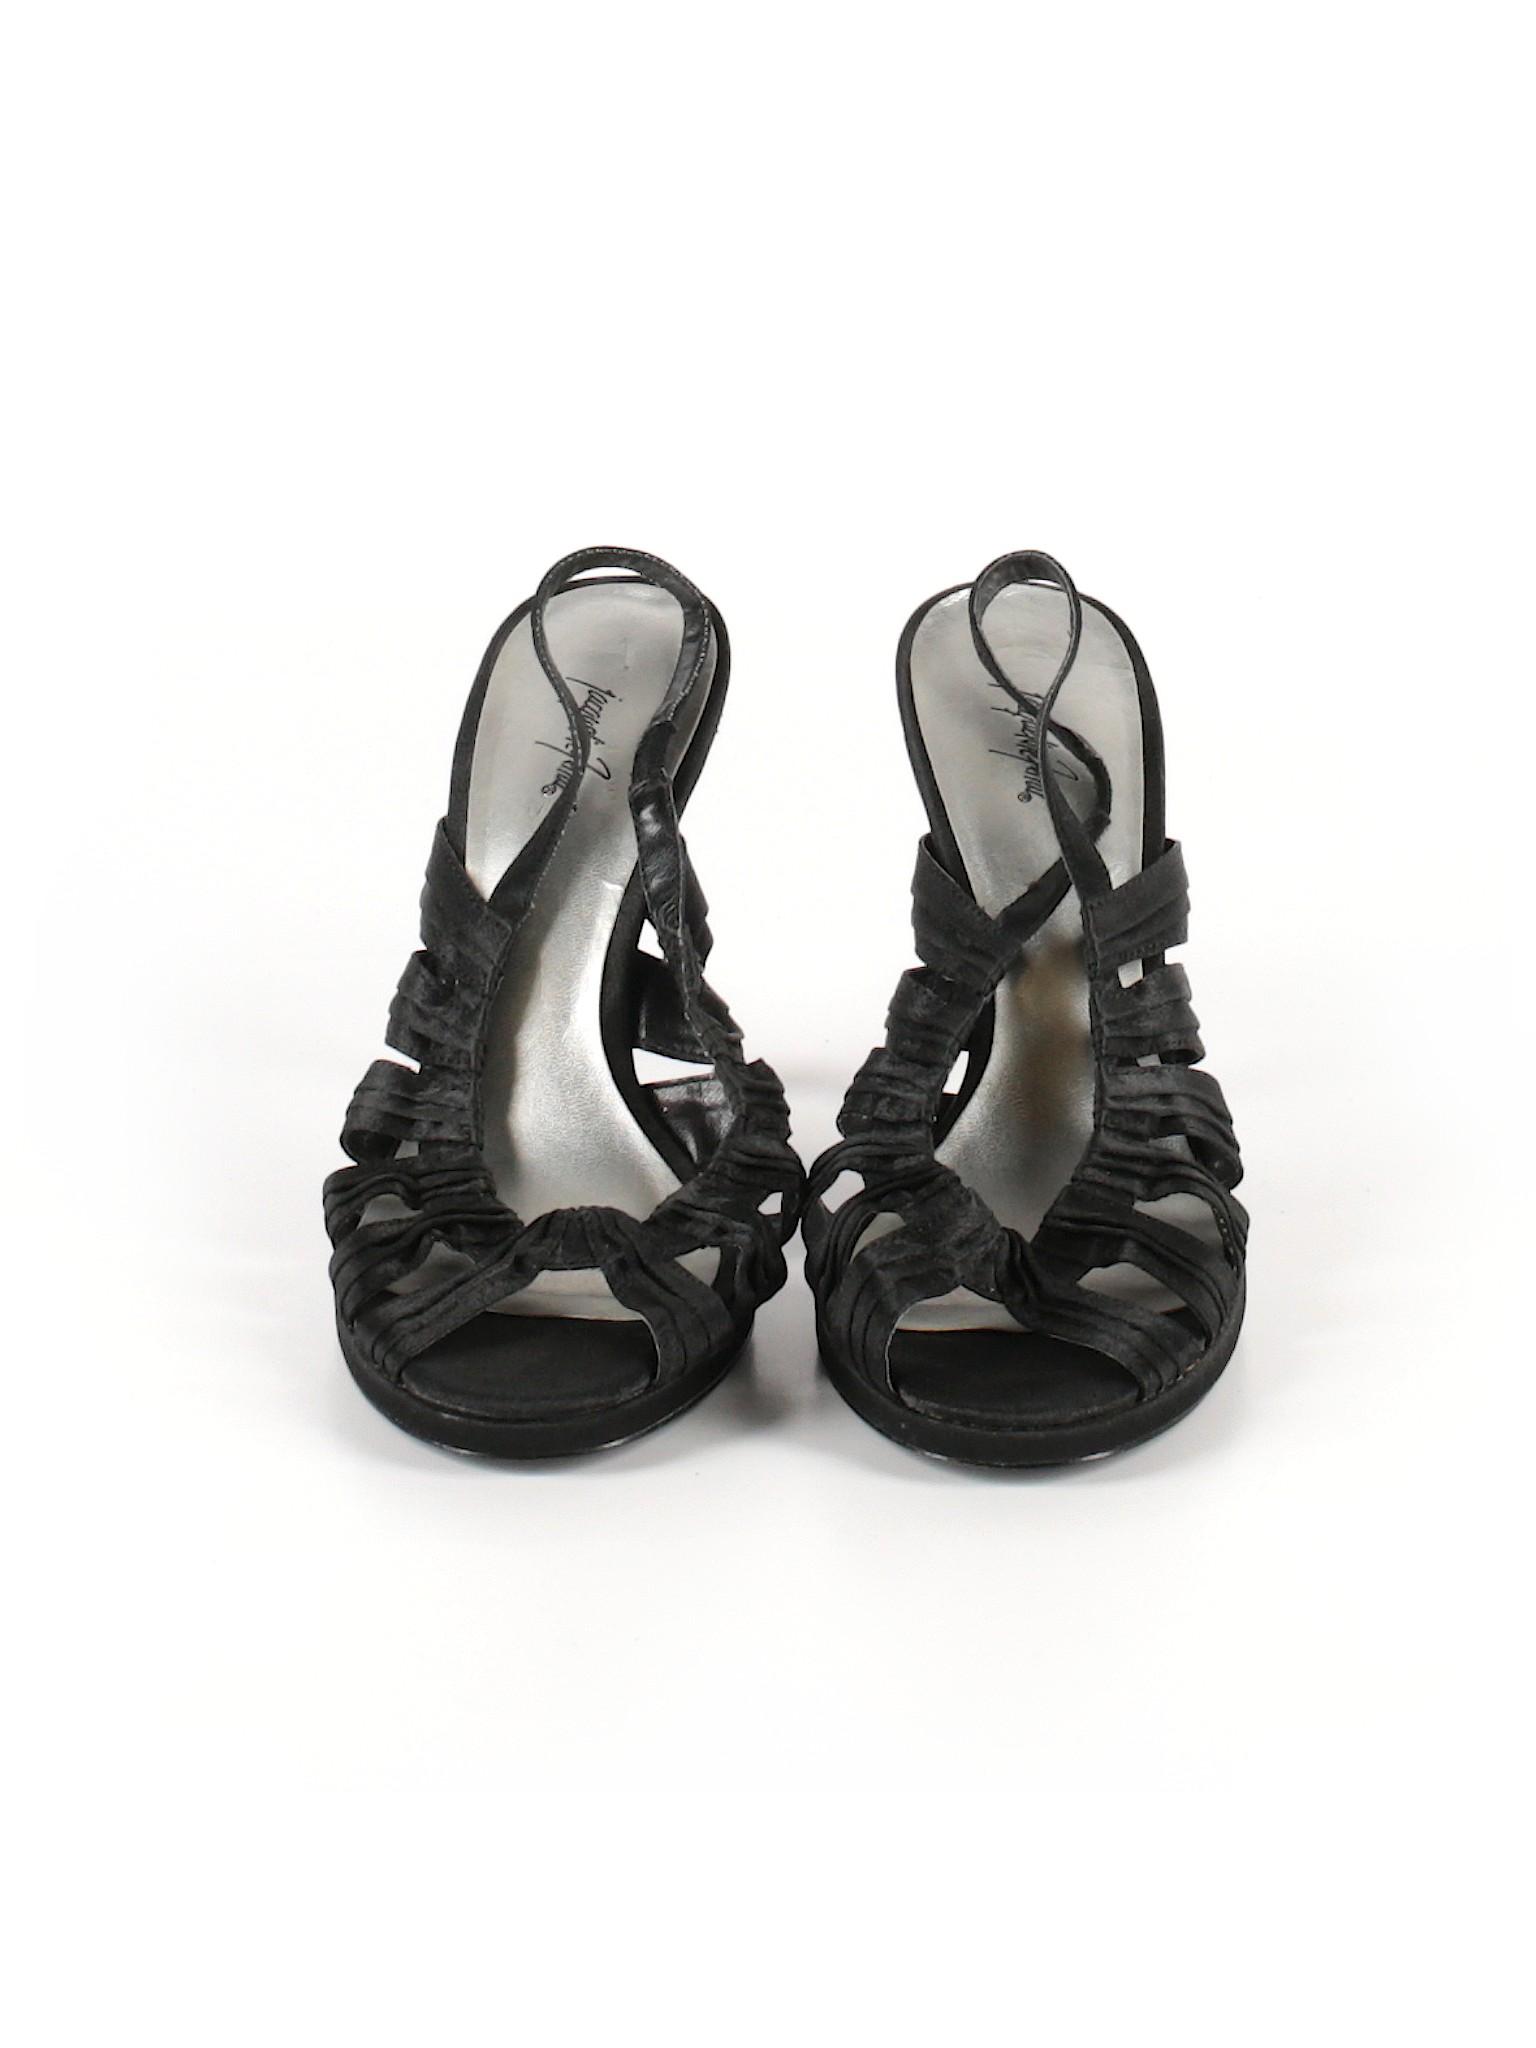 promotion Boutique Heels Boutique Heels promotion Ferrar Ferrar Jacqueline Jacqueline aBqwP